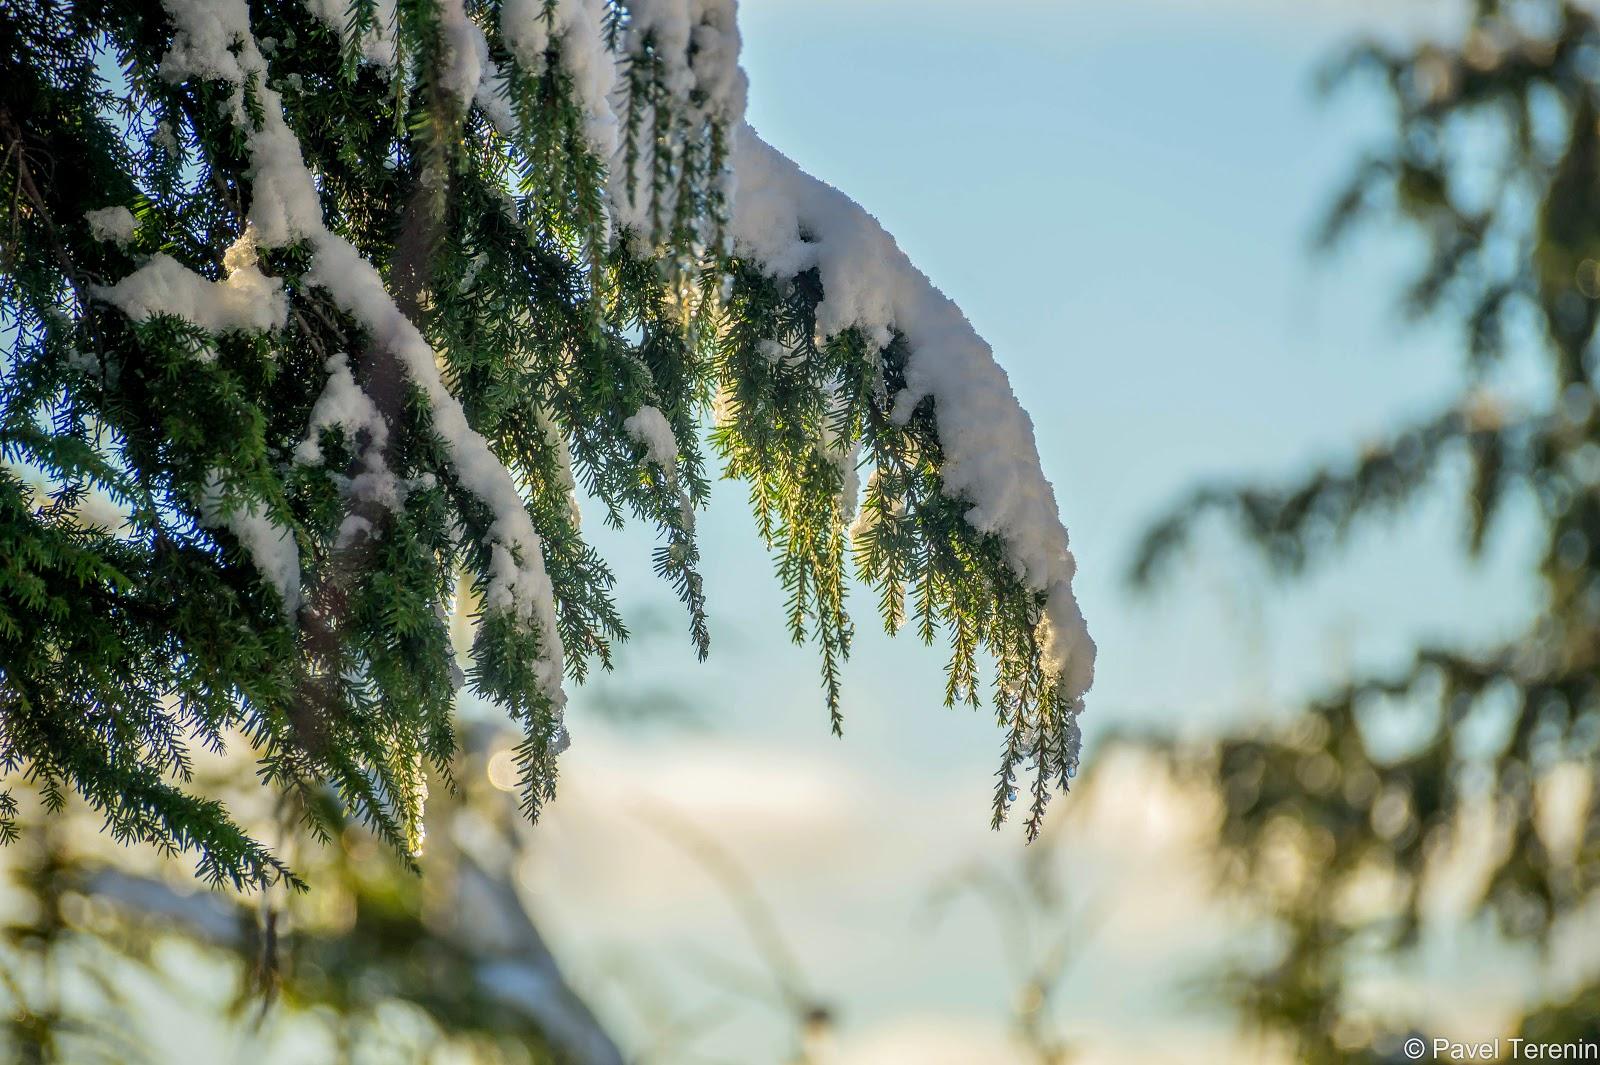 снег искрится будто россыпь миллионов крошечных алмазов.